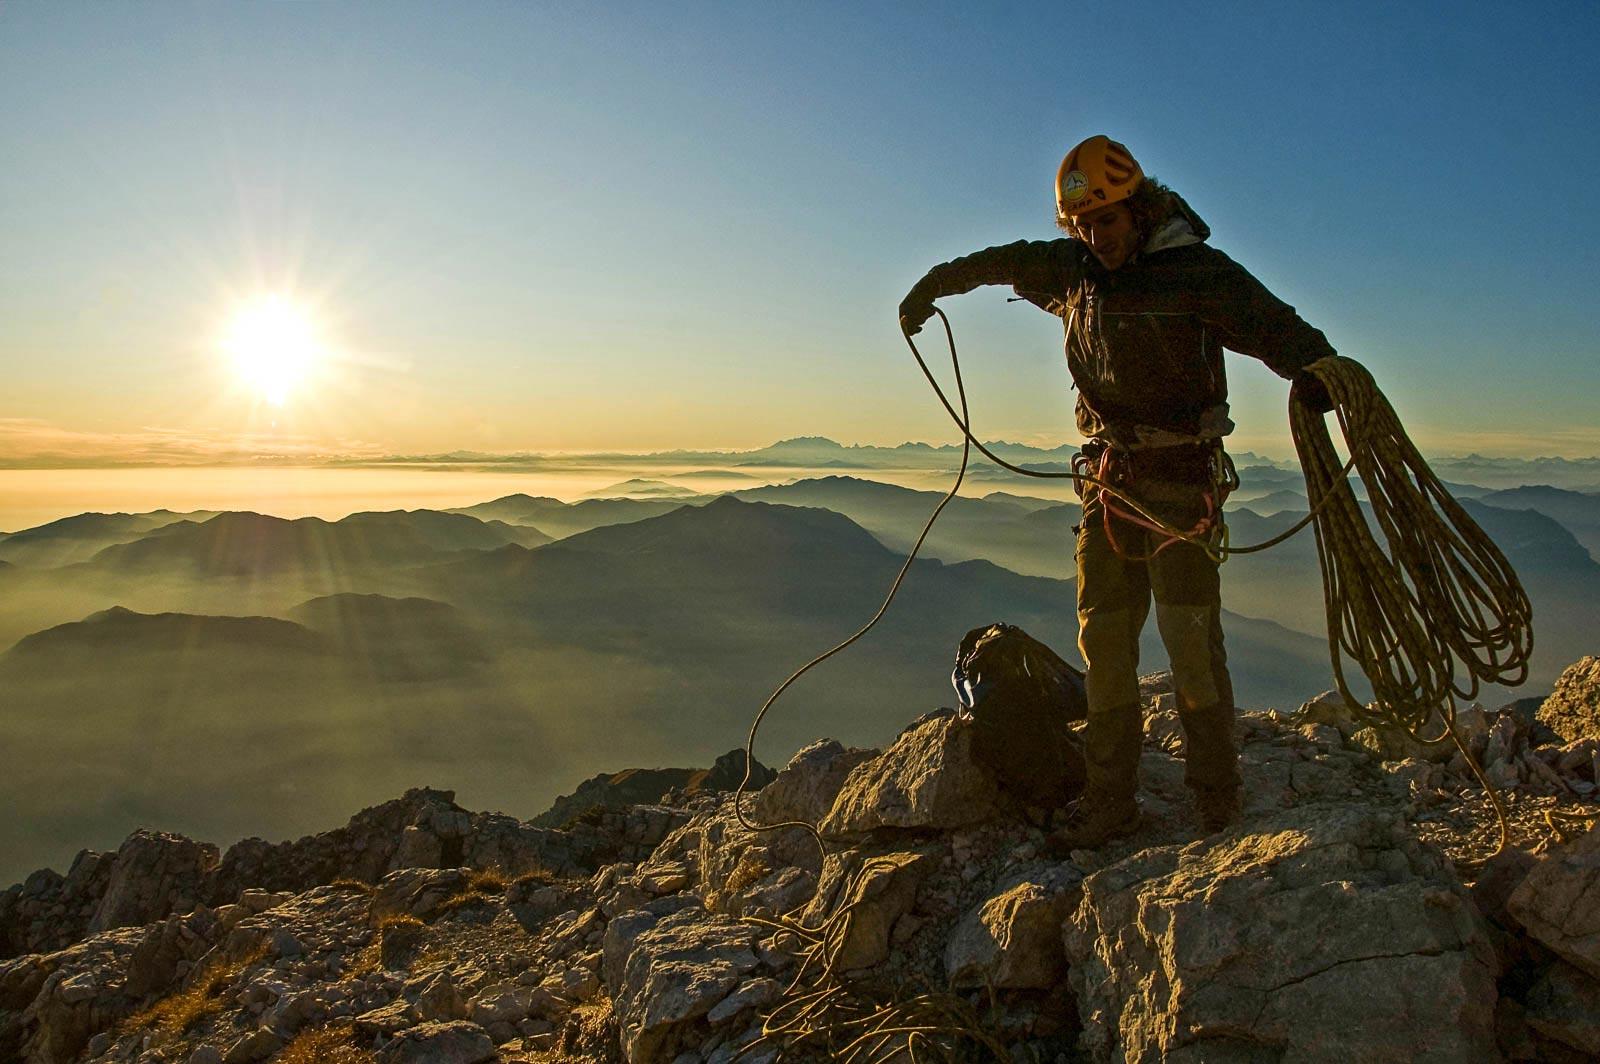 Un alpinista riordina la corda al termine della risalita della cresta Segantini, Grigna Meridionale.